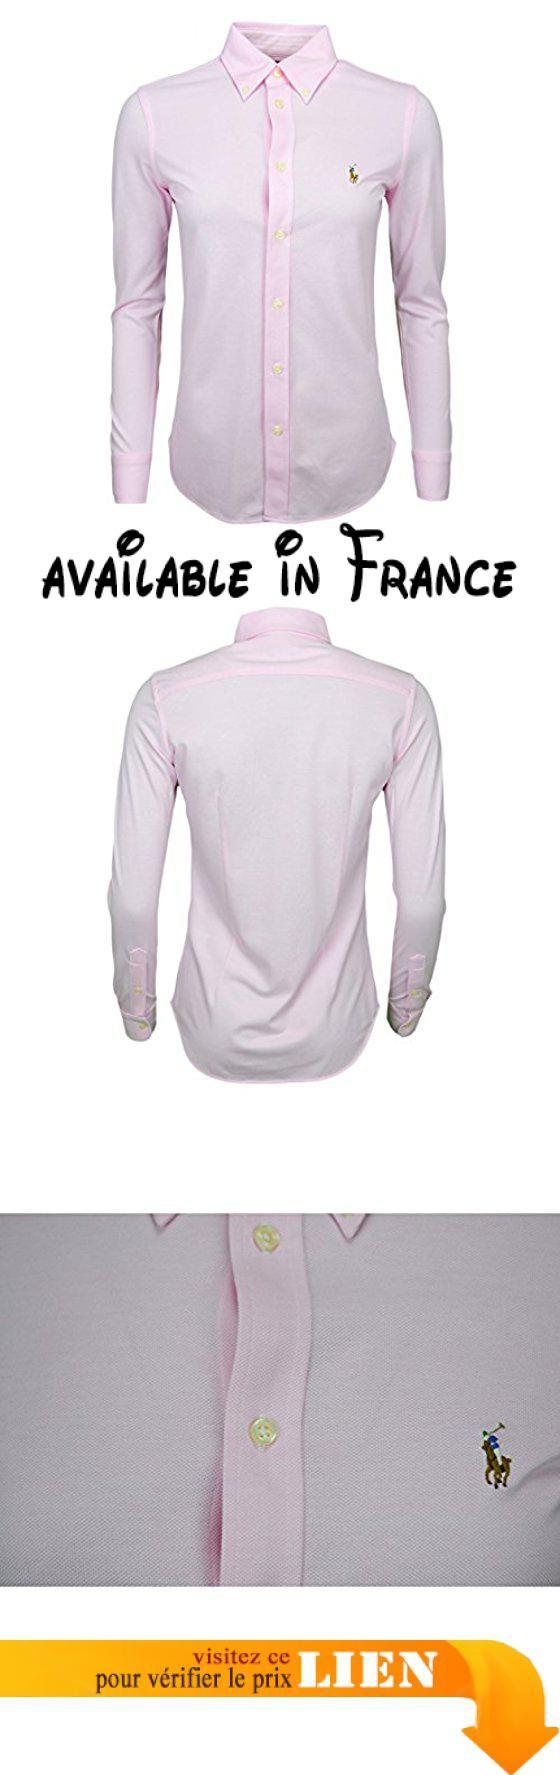 B074G4BXKL : Chemise polo Ralph Lauren en coton piqué rose pour femme.